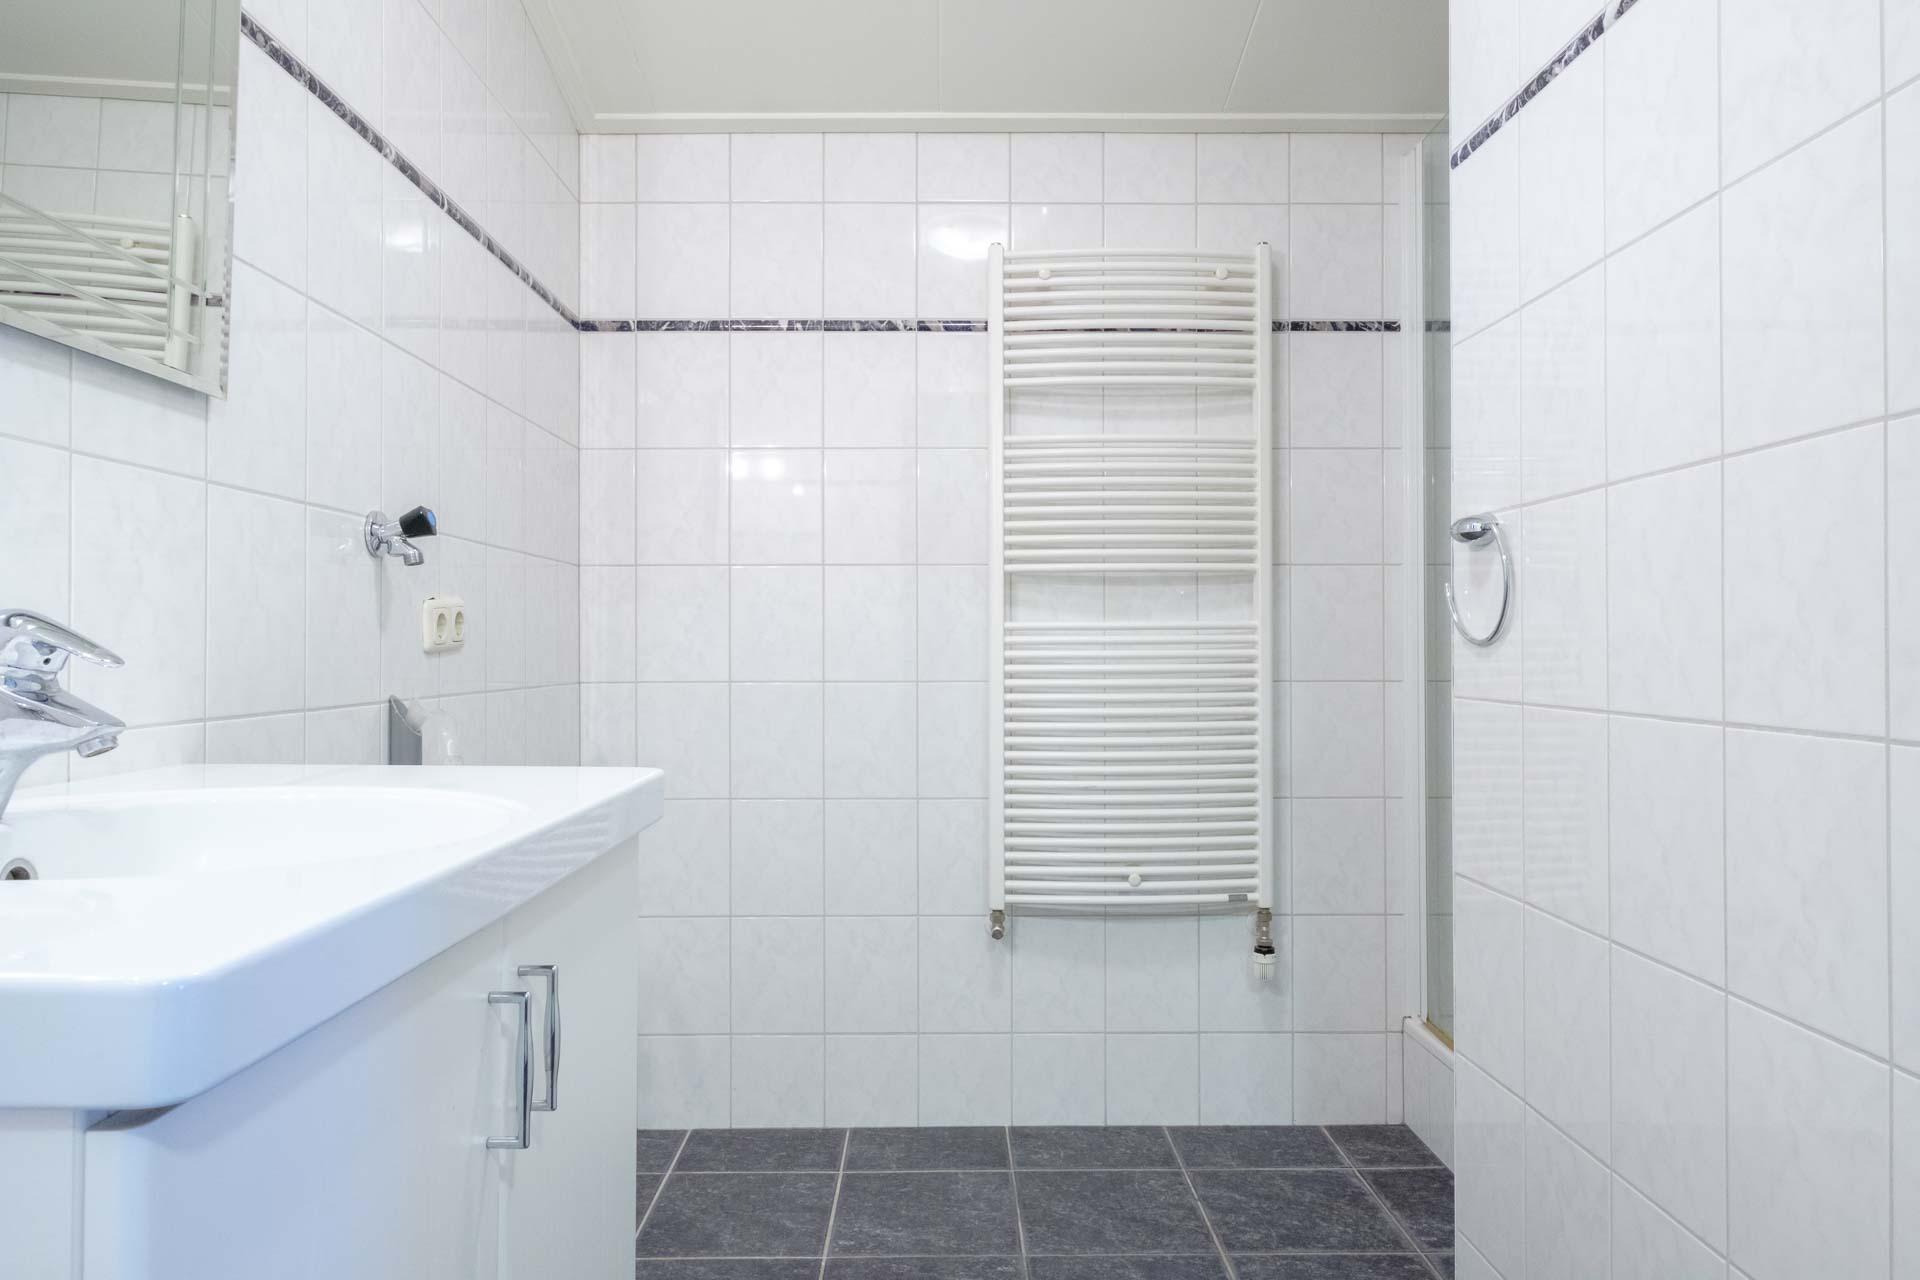 De Noesten 5A,Westerbork,Drenthe,1987 Bedrooms Bedrooms,6 BadkamerBadkamer,Woningen,De Noesten,2,1036